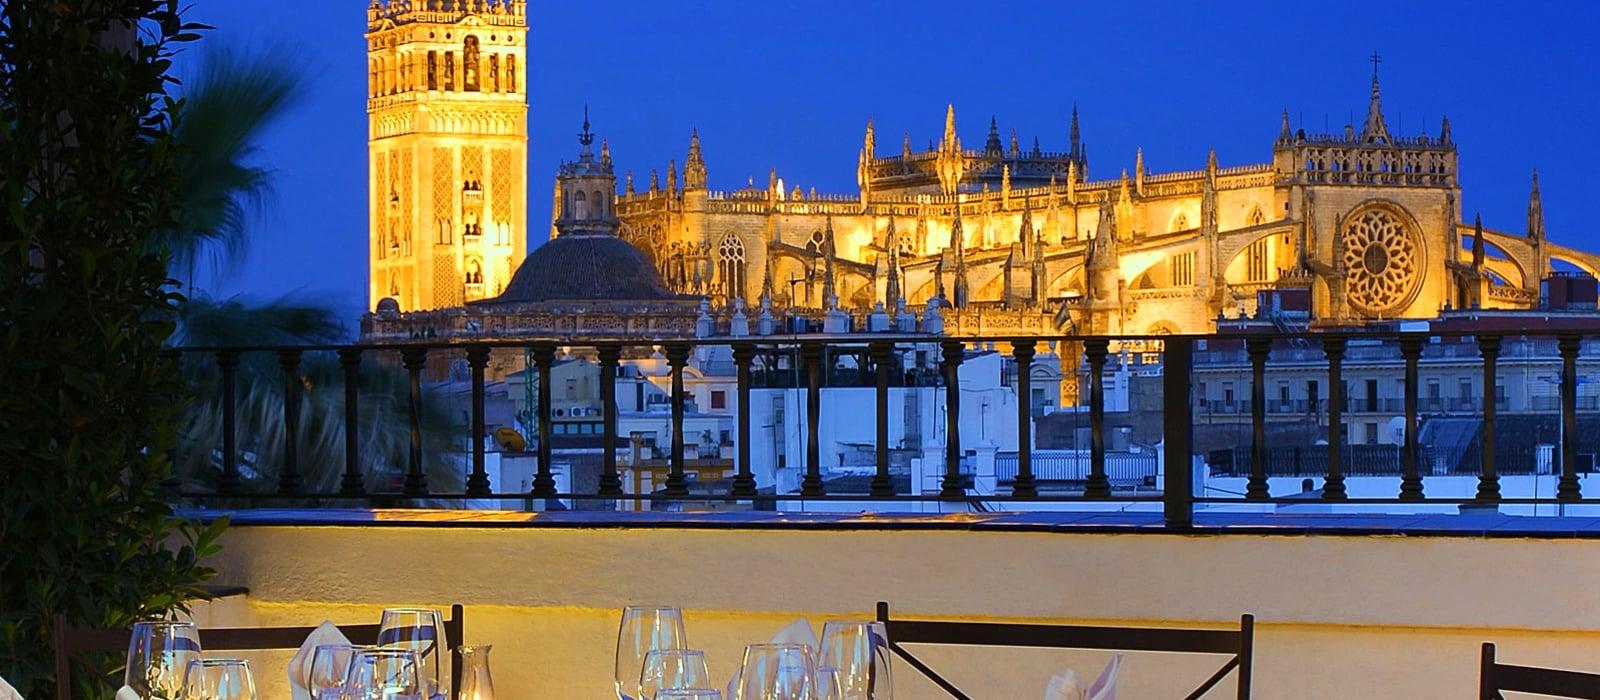 Promotions Hotel Vincci Sevilla La Rábida - Stay 4 nights and save! -15%